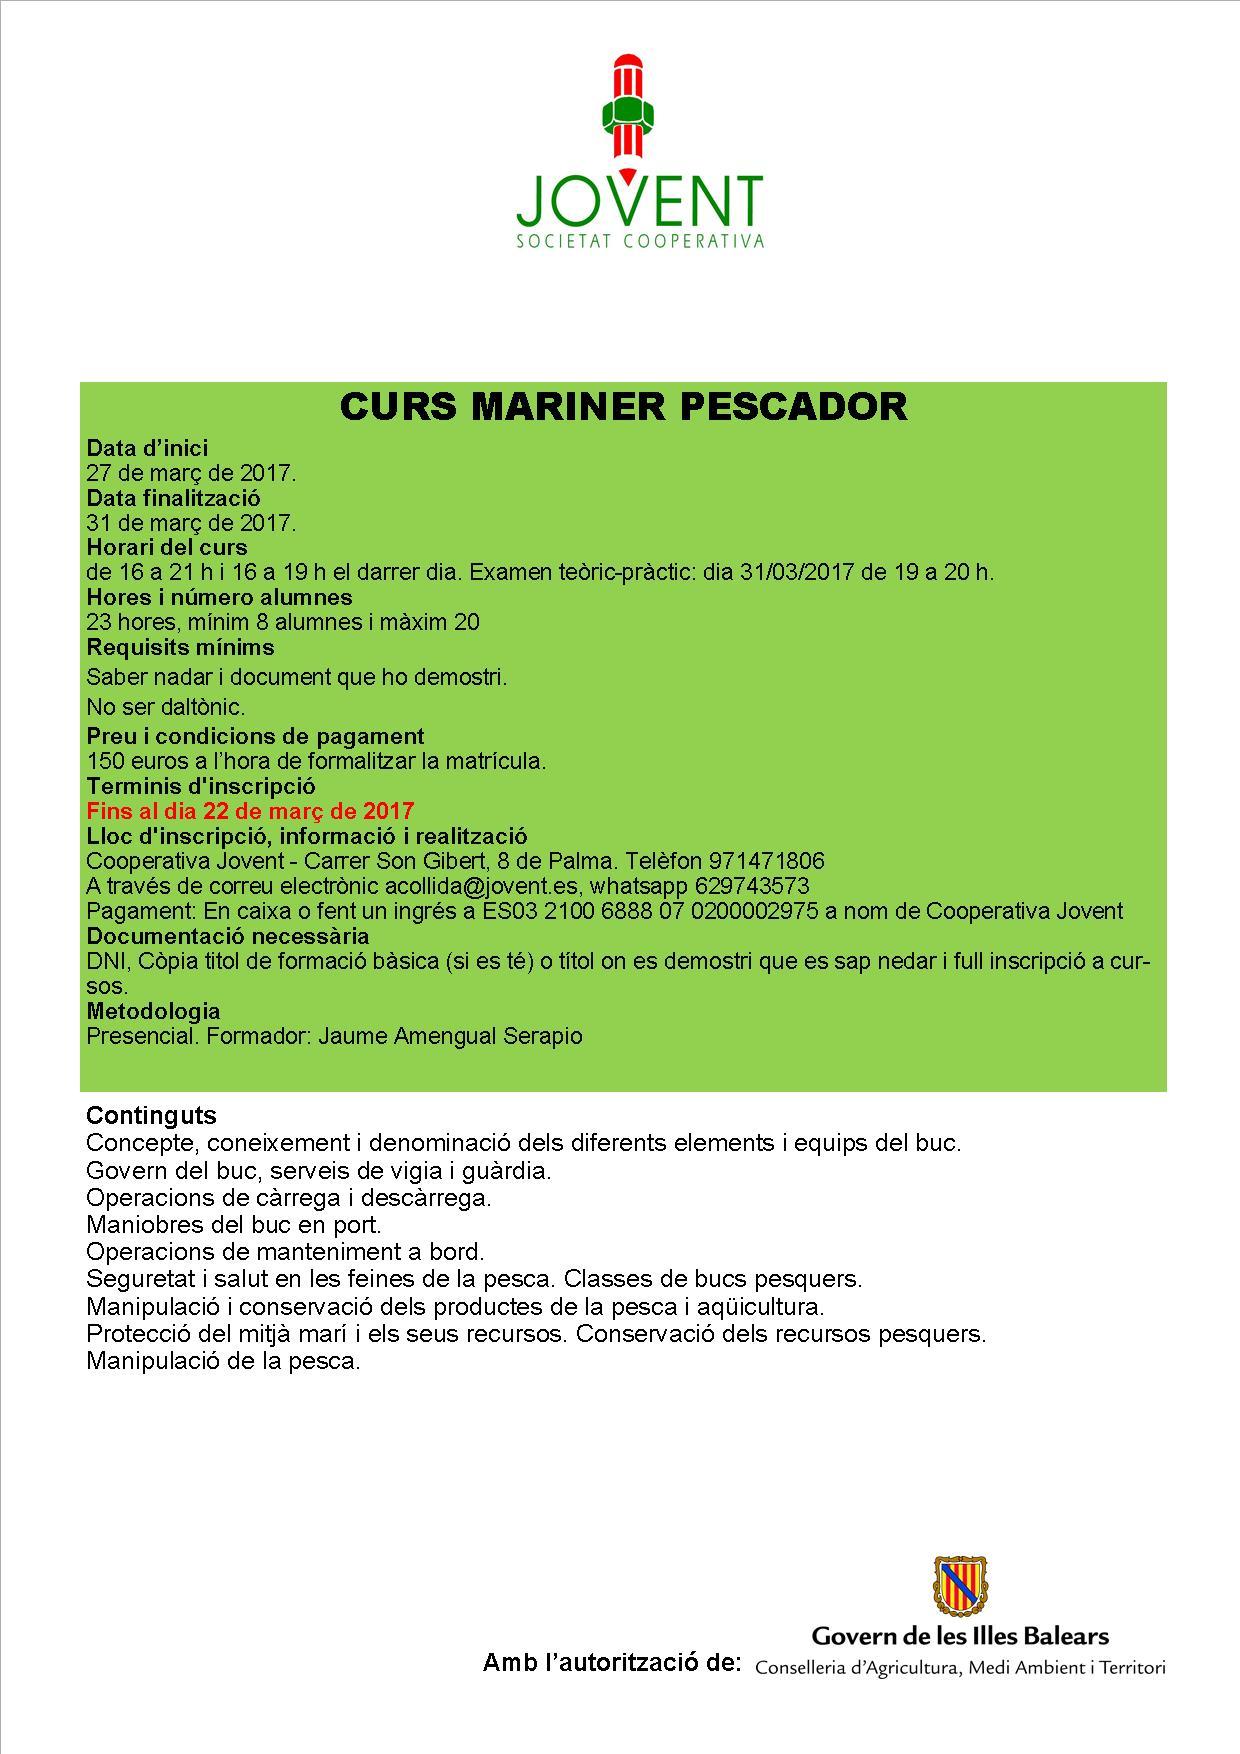 Marinerpescador